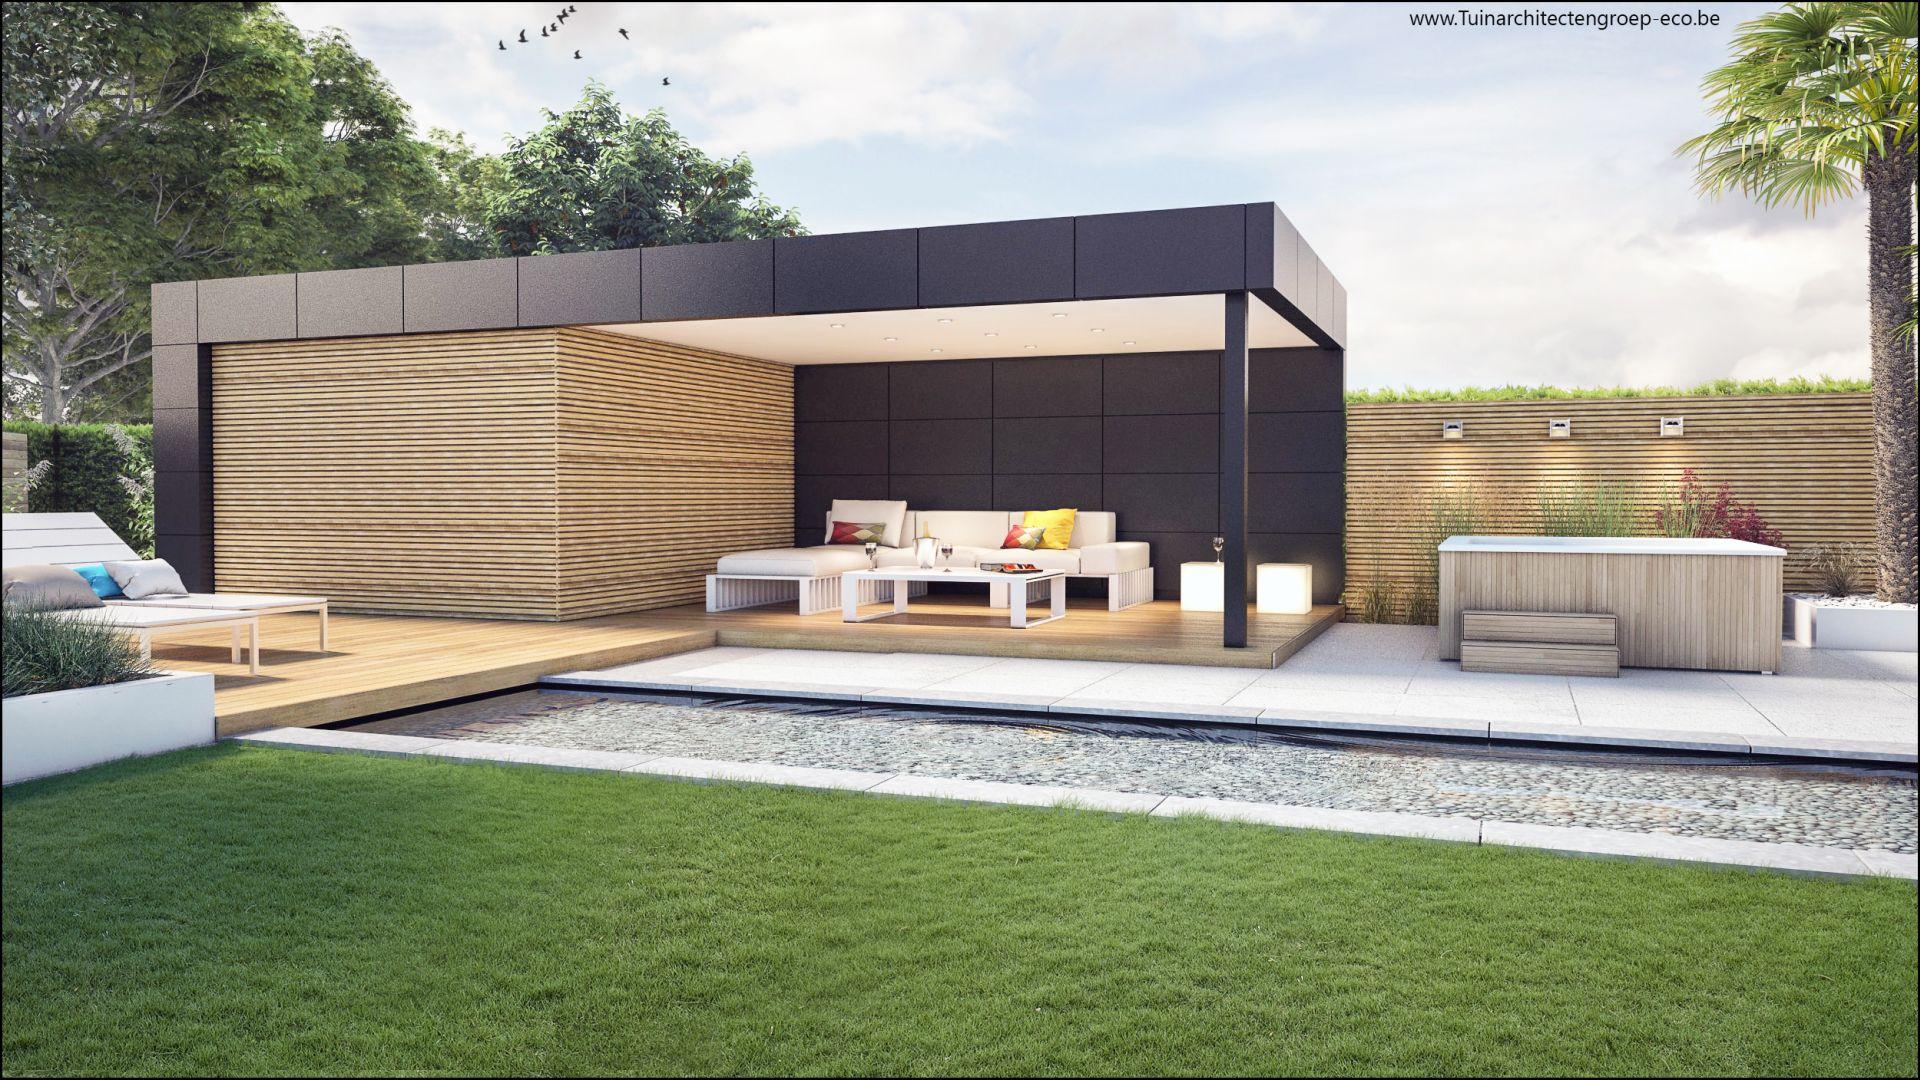 Eco tuinarchitectengroep 3d projecten loungetuin met for Moderne tuin